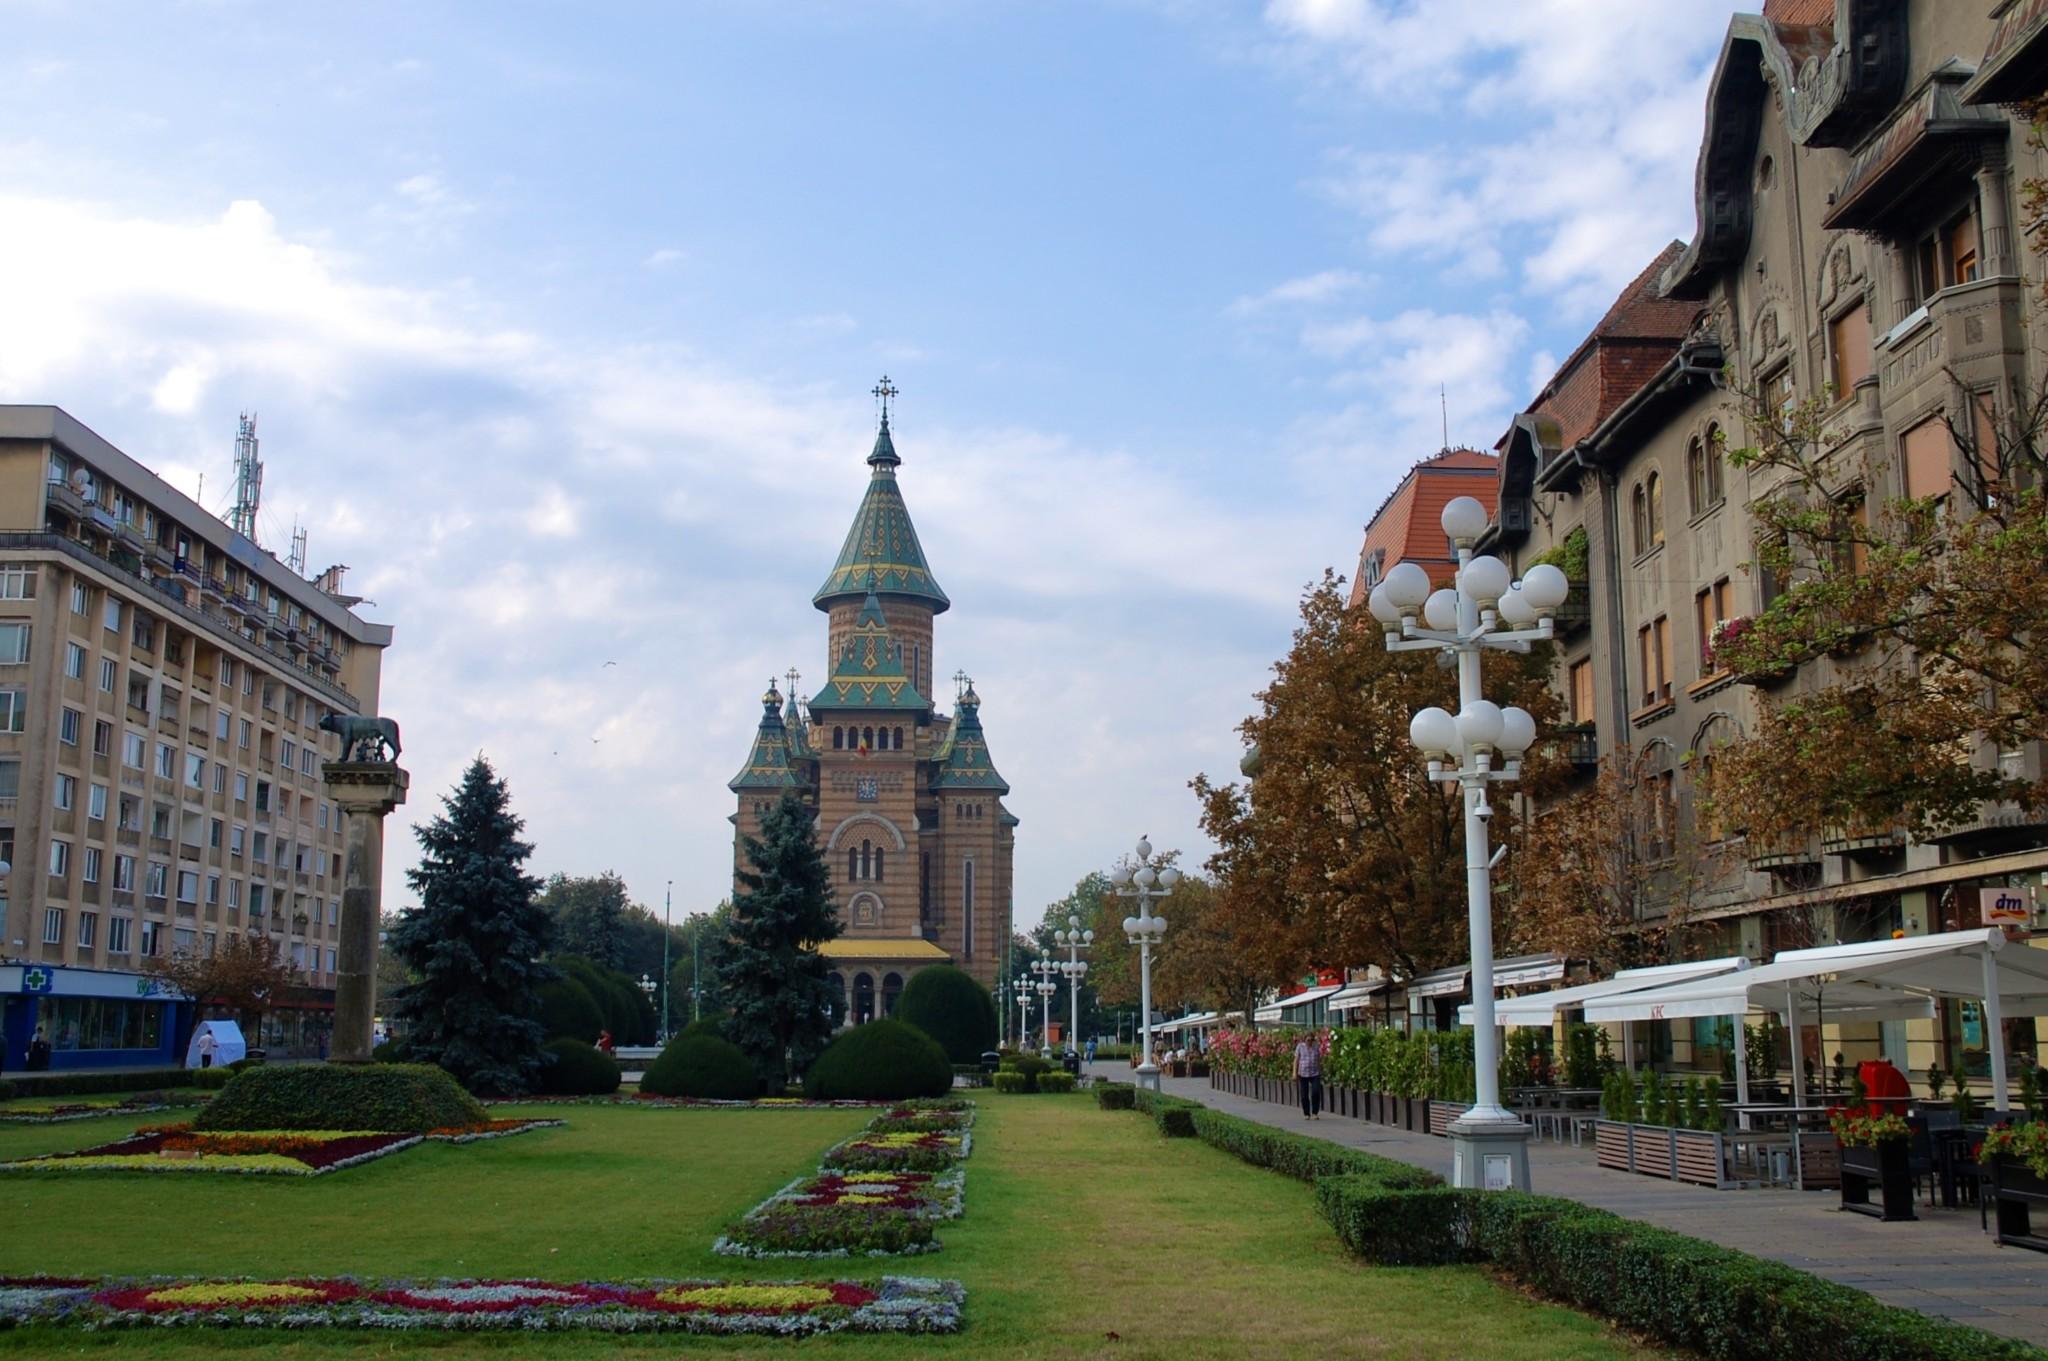 Timisoara in Rumänien ist ein alternativer Städtetrip in Europa